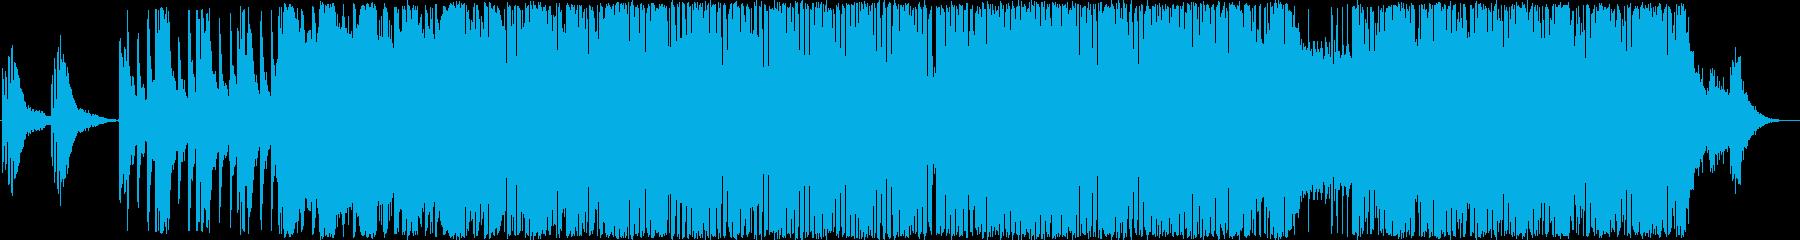 冒頭にME(ミュージック・エフェクト)…の再生済みの波形